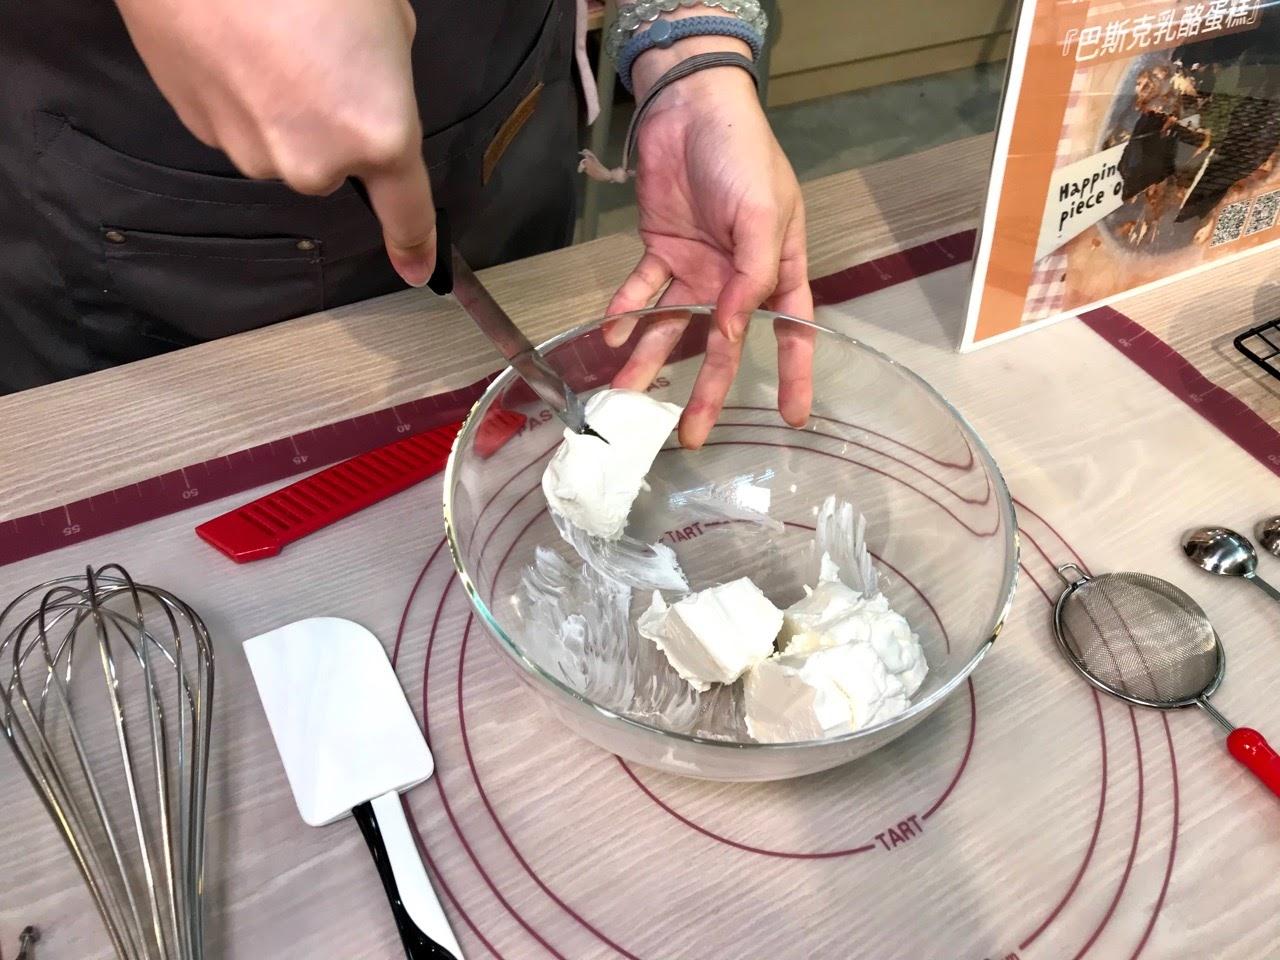 【台南|中西區】熊愛趣烘焙材料器具|特有的食演教室|DIY材料包在家也可以體驗烘焙的樂趣|品項齊全精緻的烘焙周邊|烘焙材料推薦|烘焙教學推薦